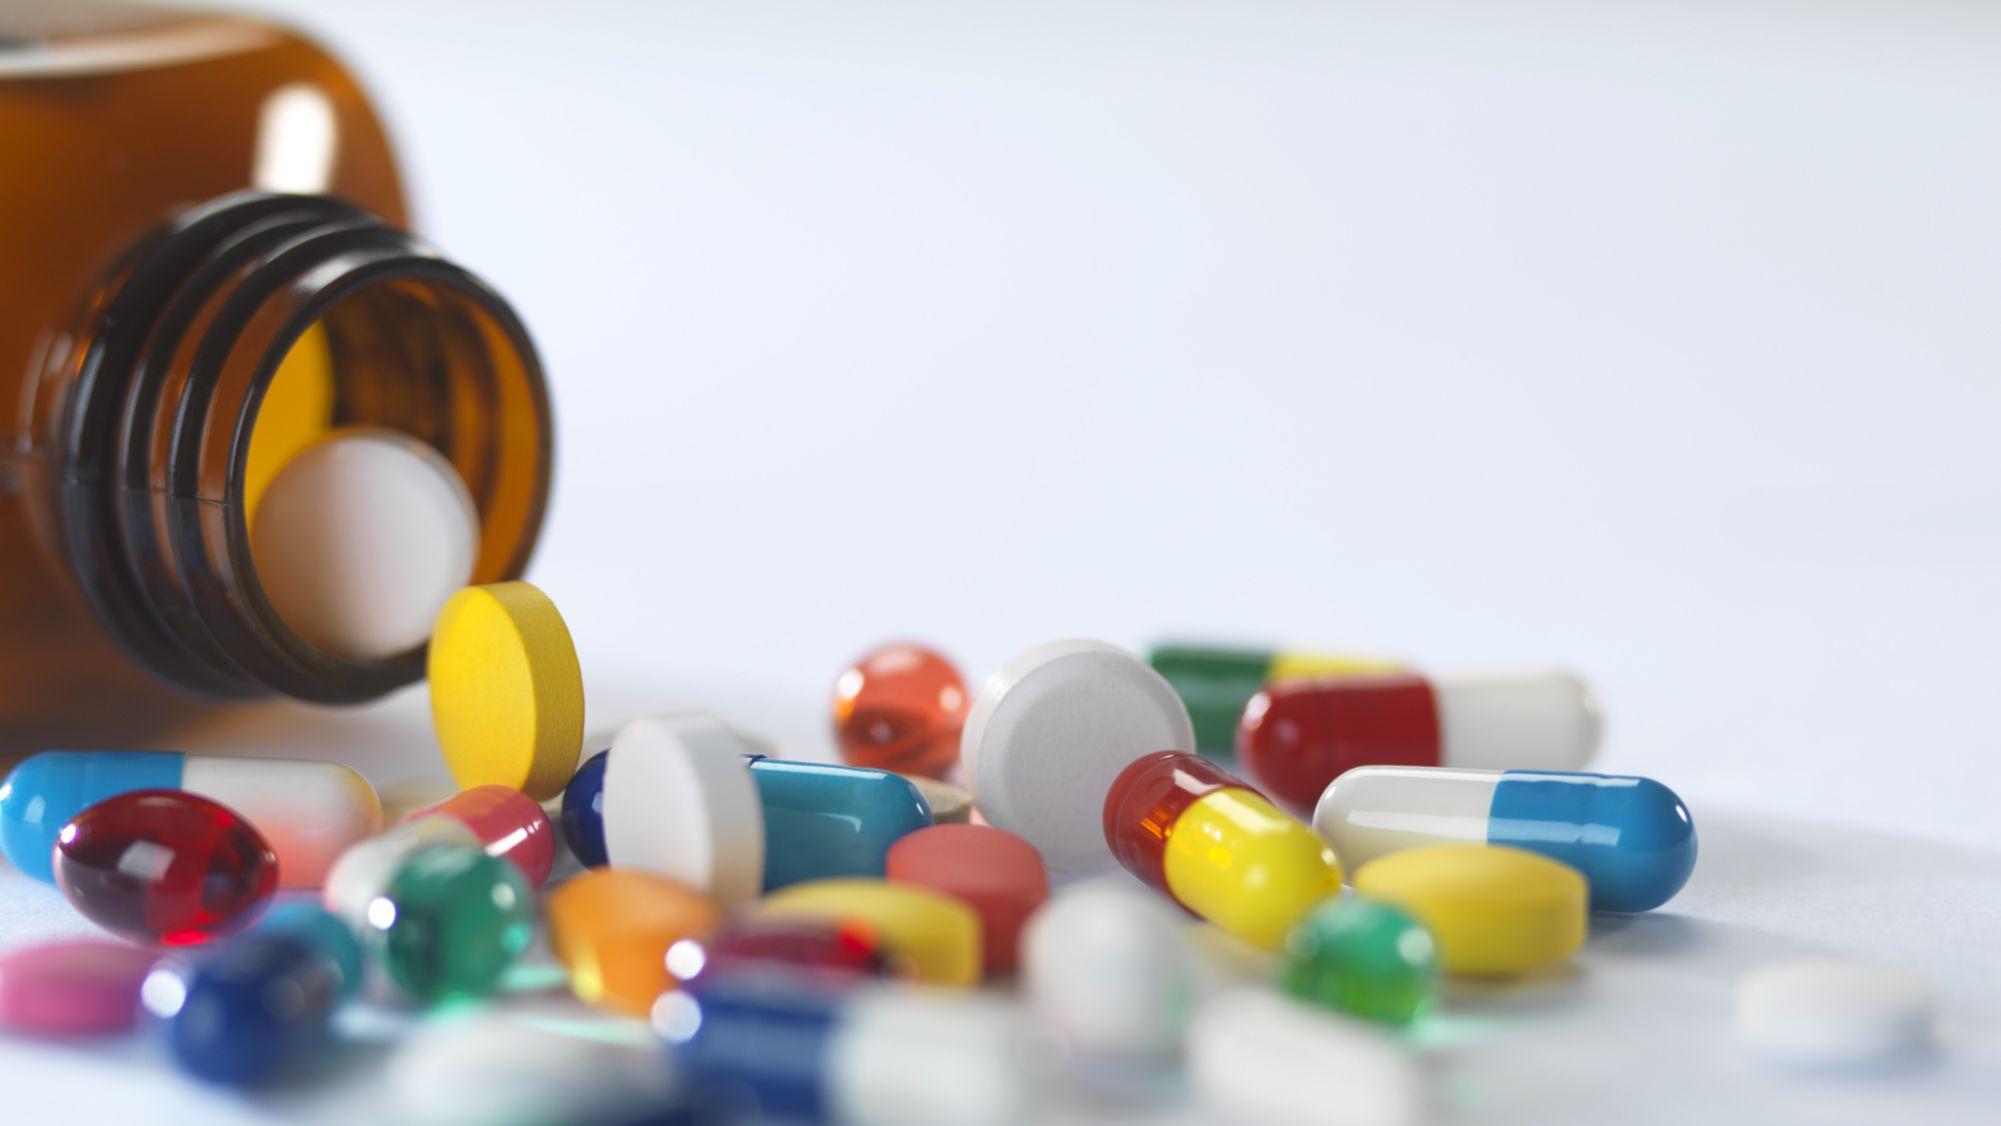 las tiazidas pueden causar disfunción eréctil